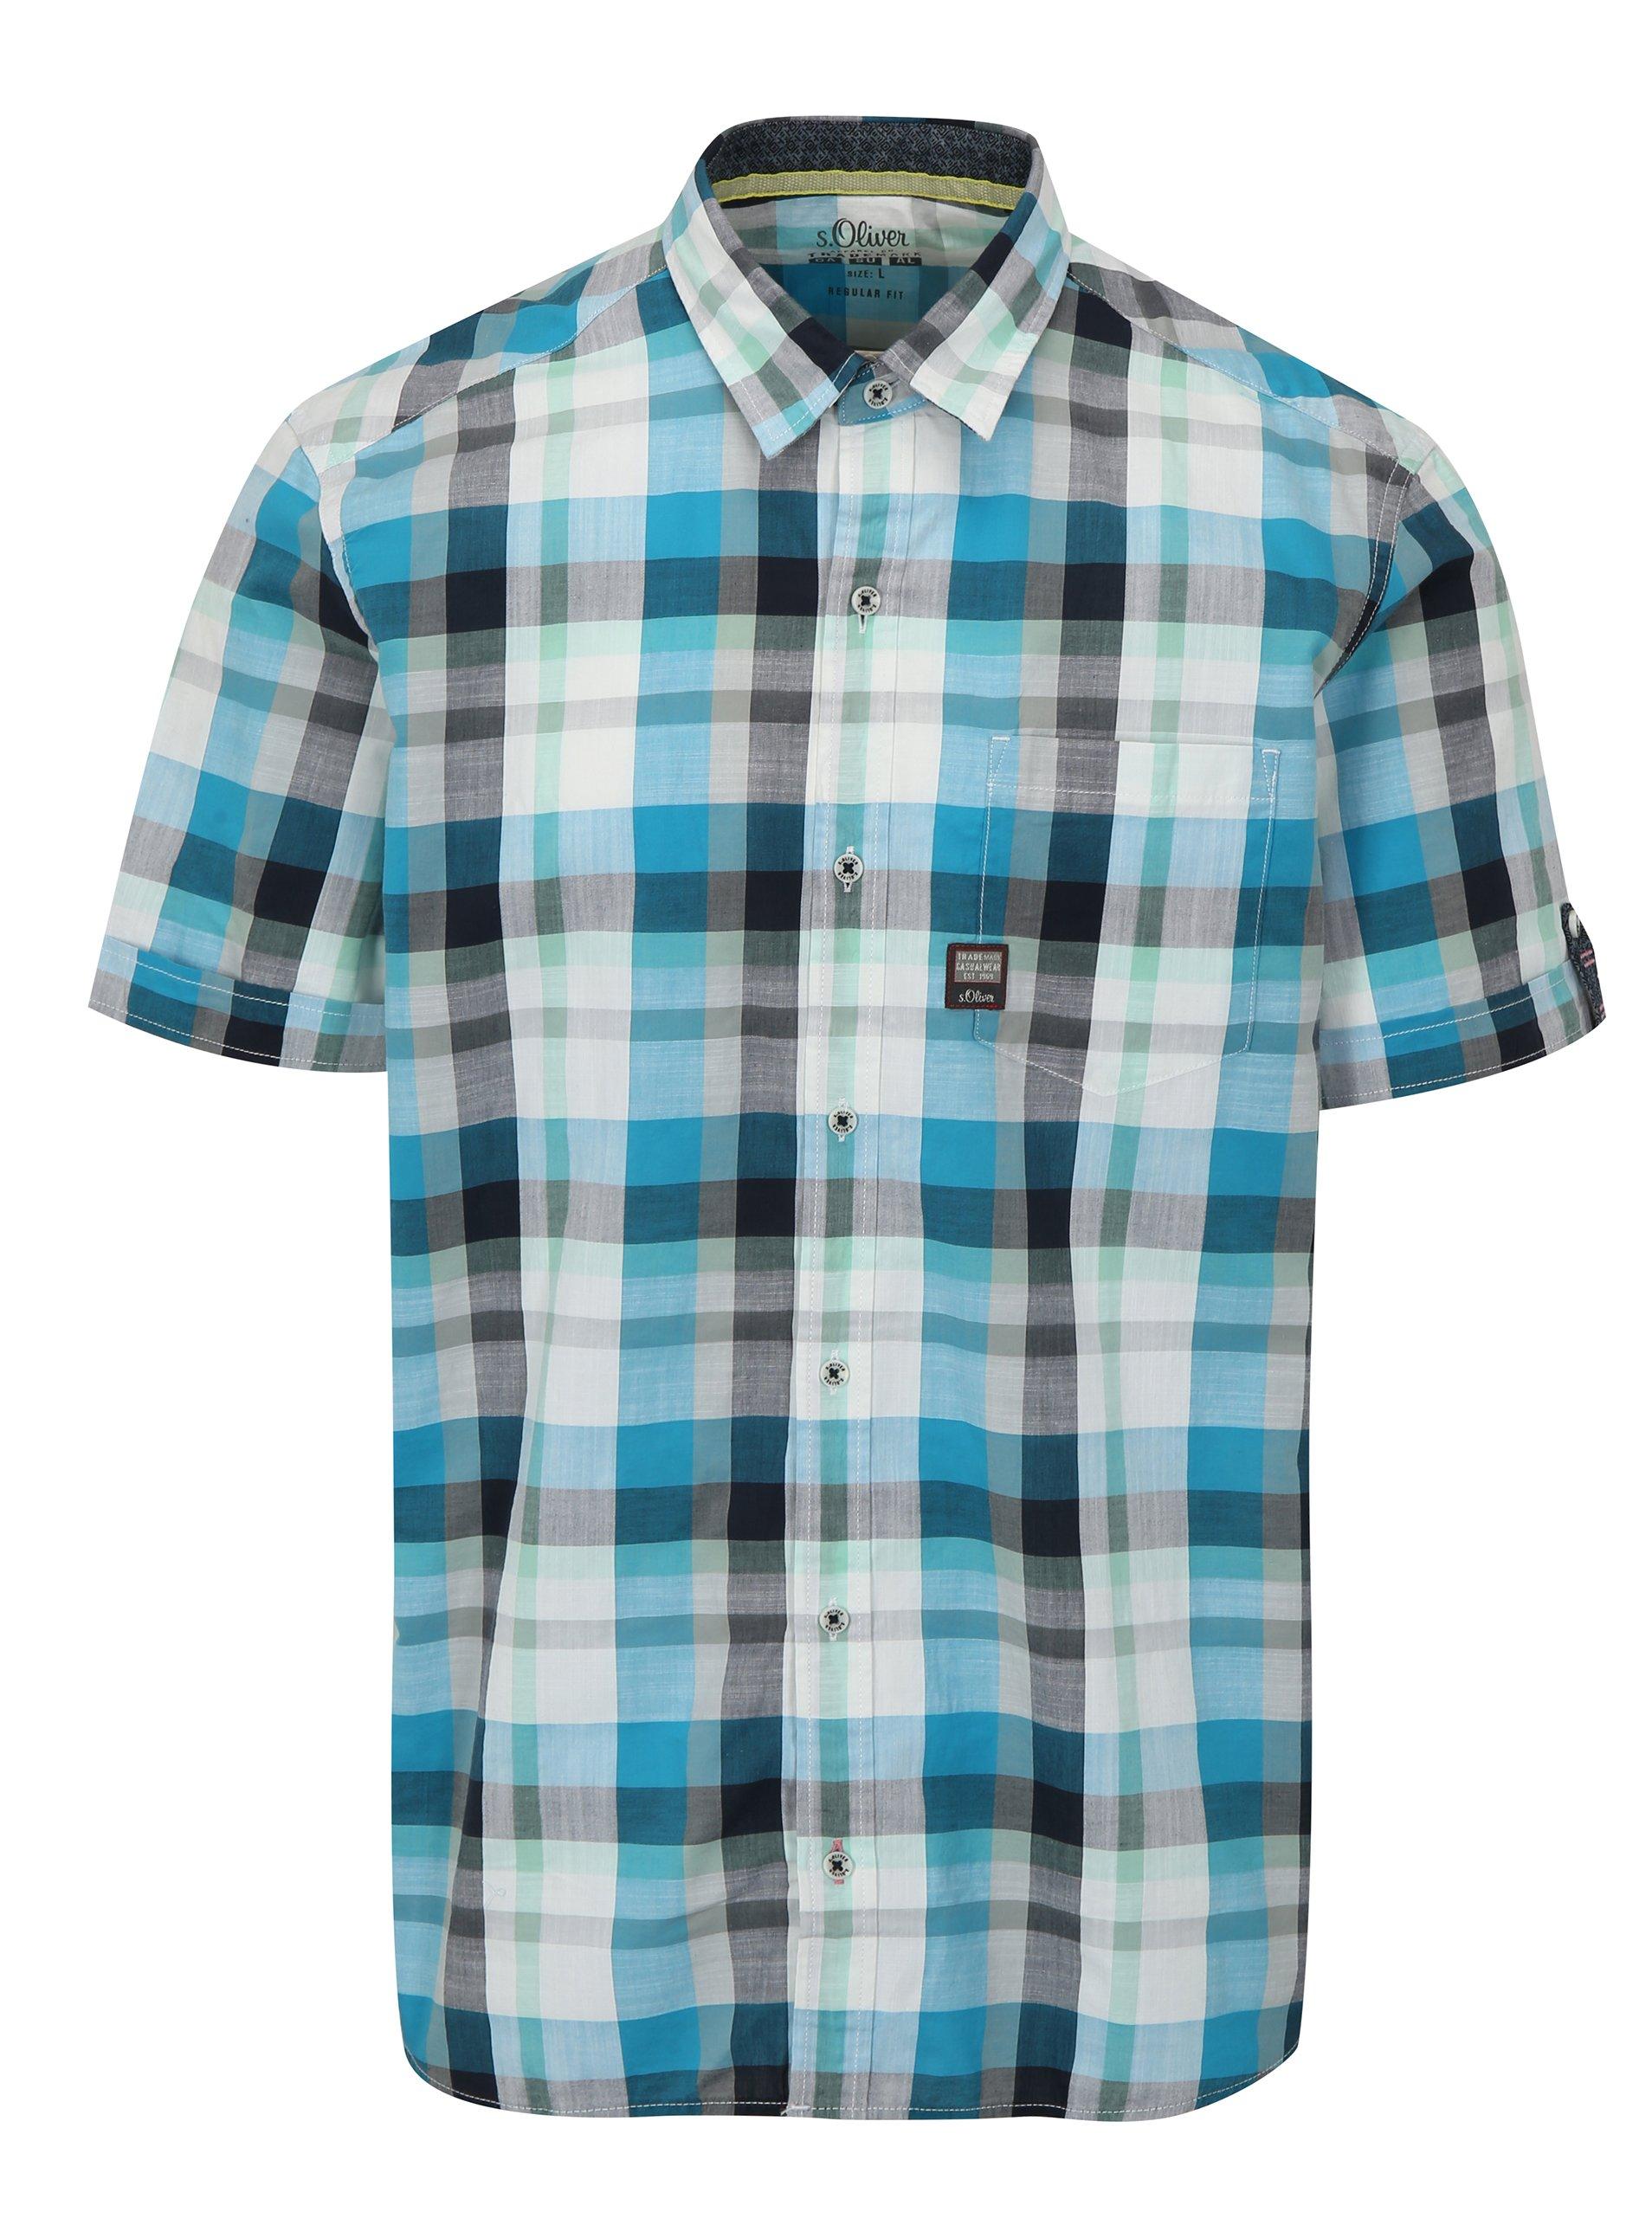 Bílo-modrá kostkovaná pánská regular fit košile s.Oliver 9639e6d50c